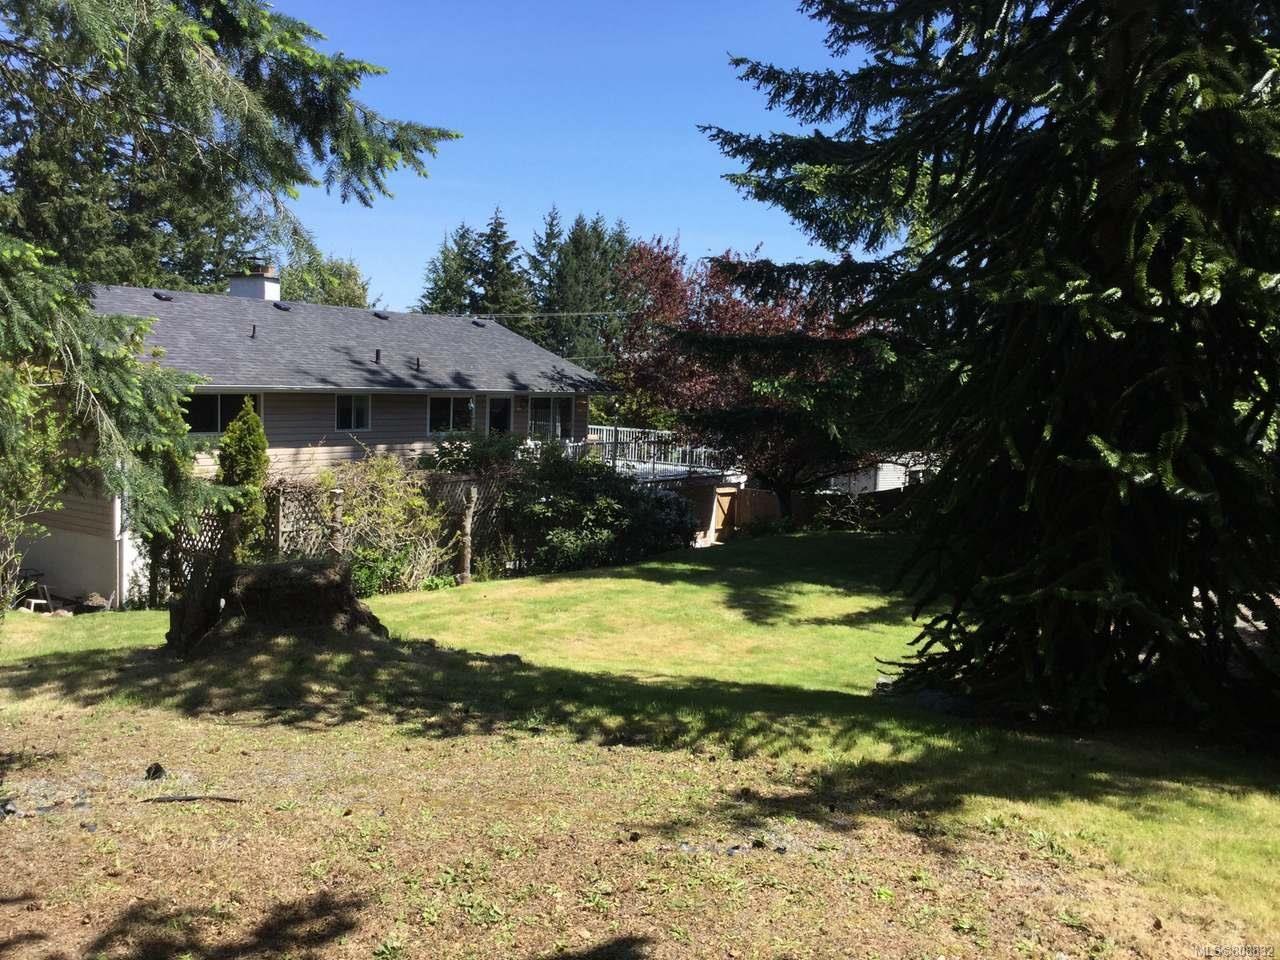 Photo 31: Photos: 5407 Lost Lake Rd in NANAIMO: Na North Nanaimo House for sale (Nanaimo)  : MLS®# 808832